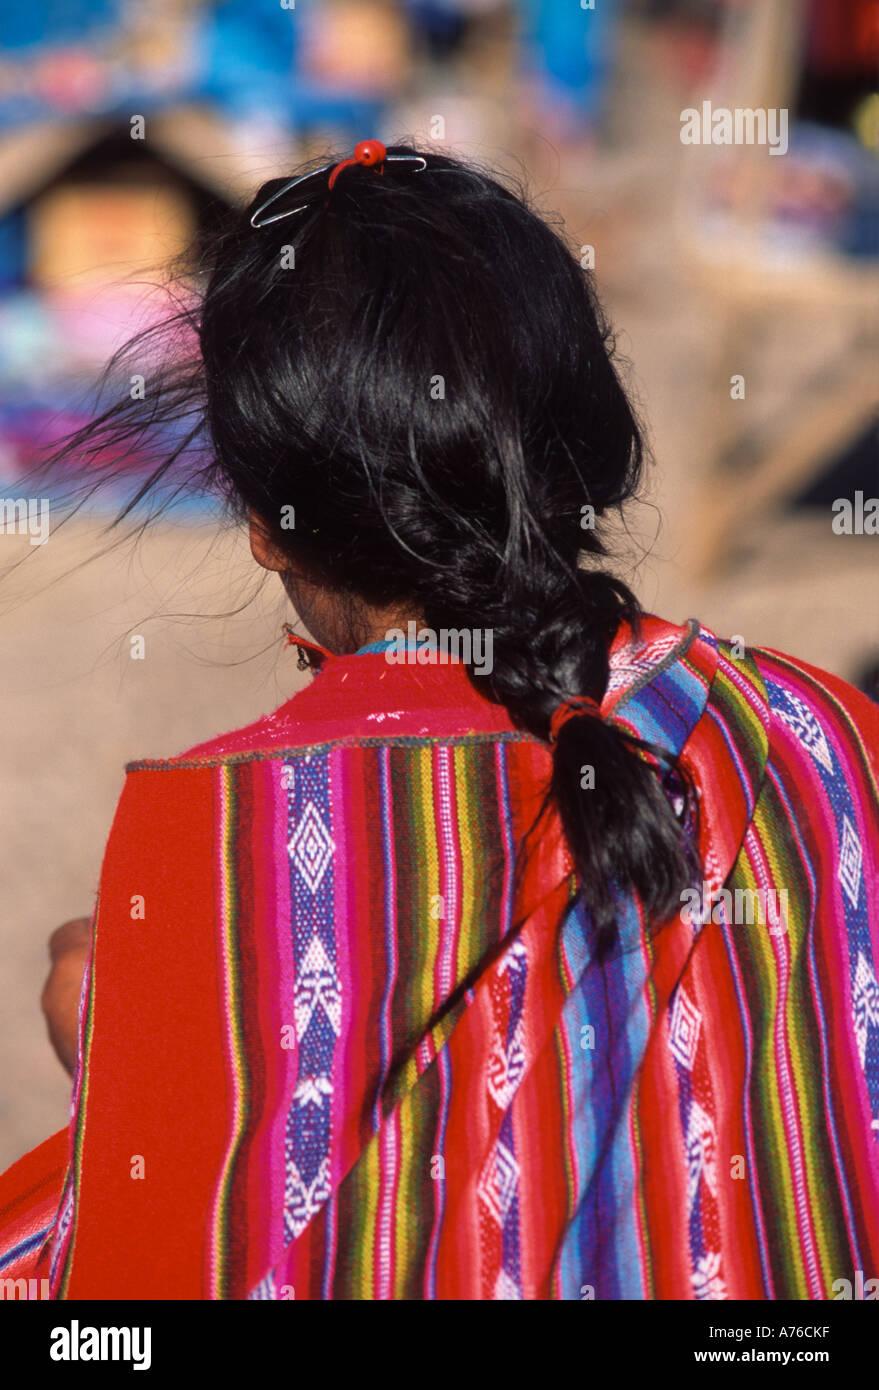 Joven mujer Quechua chica con el cabello trenzado y coloridas ropas tradicionales , cerca de Cusco, Perú Imagen De Stock